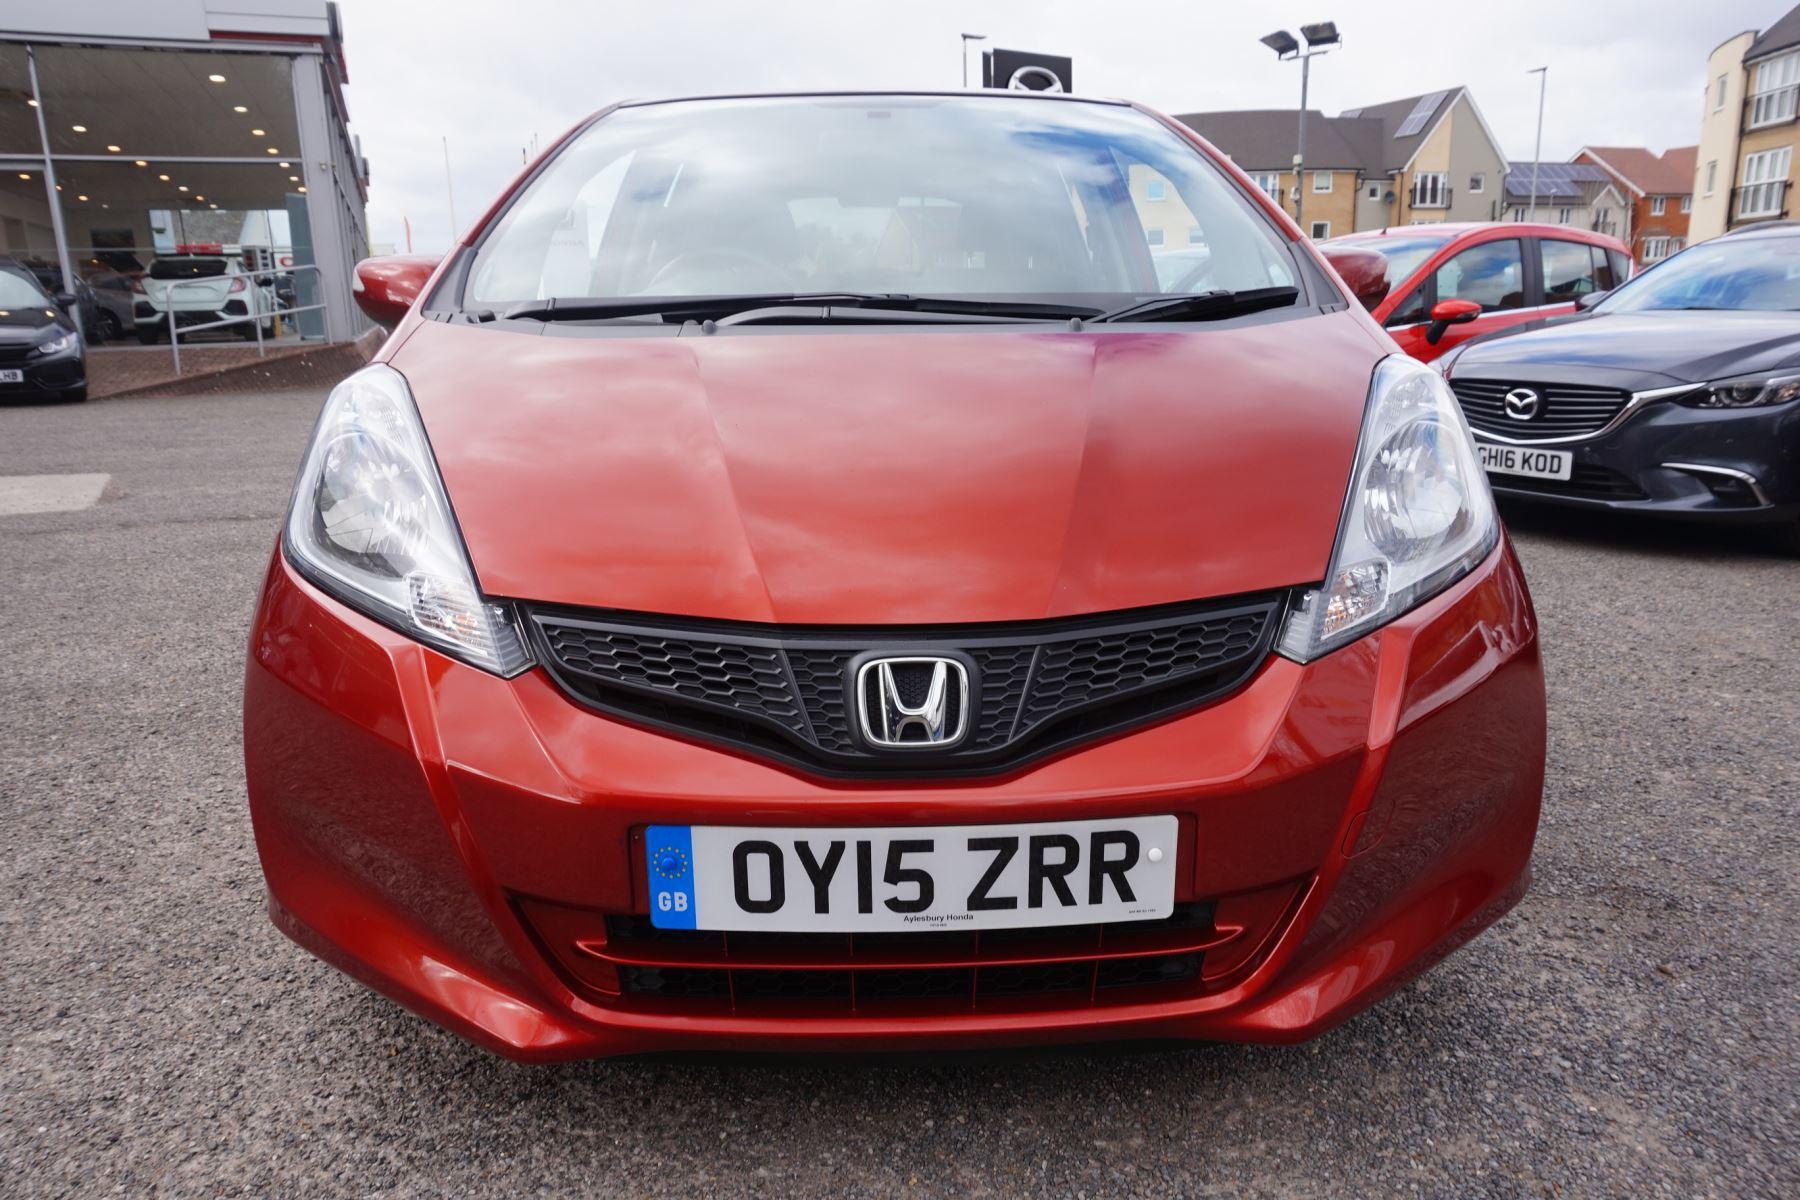 Honda Jazz 1.4 i-VTEC ES Plus CVT image 2